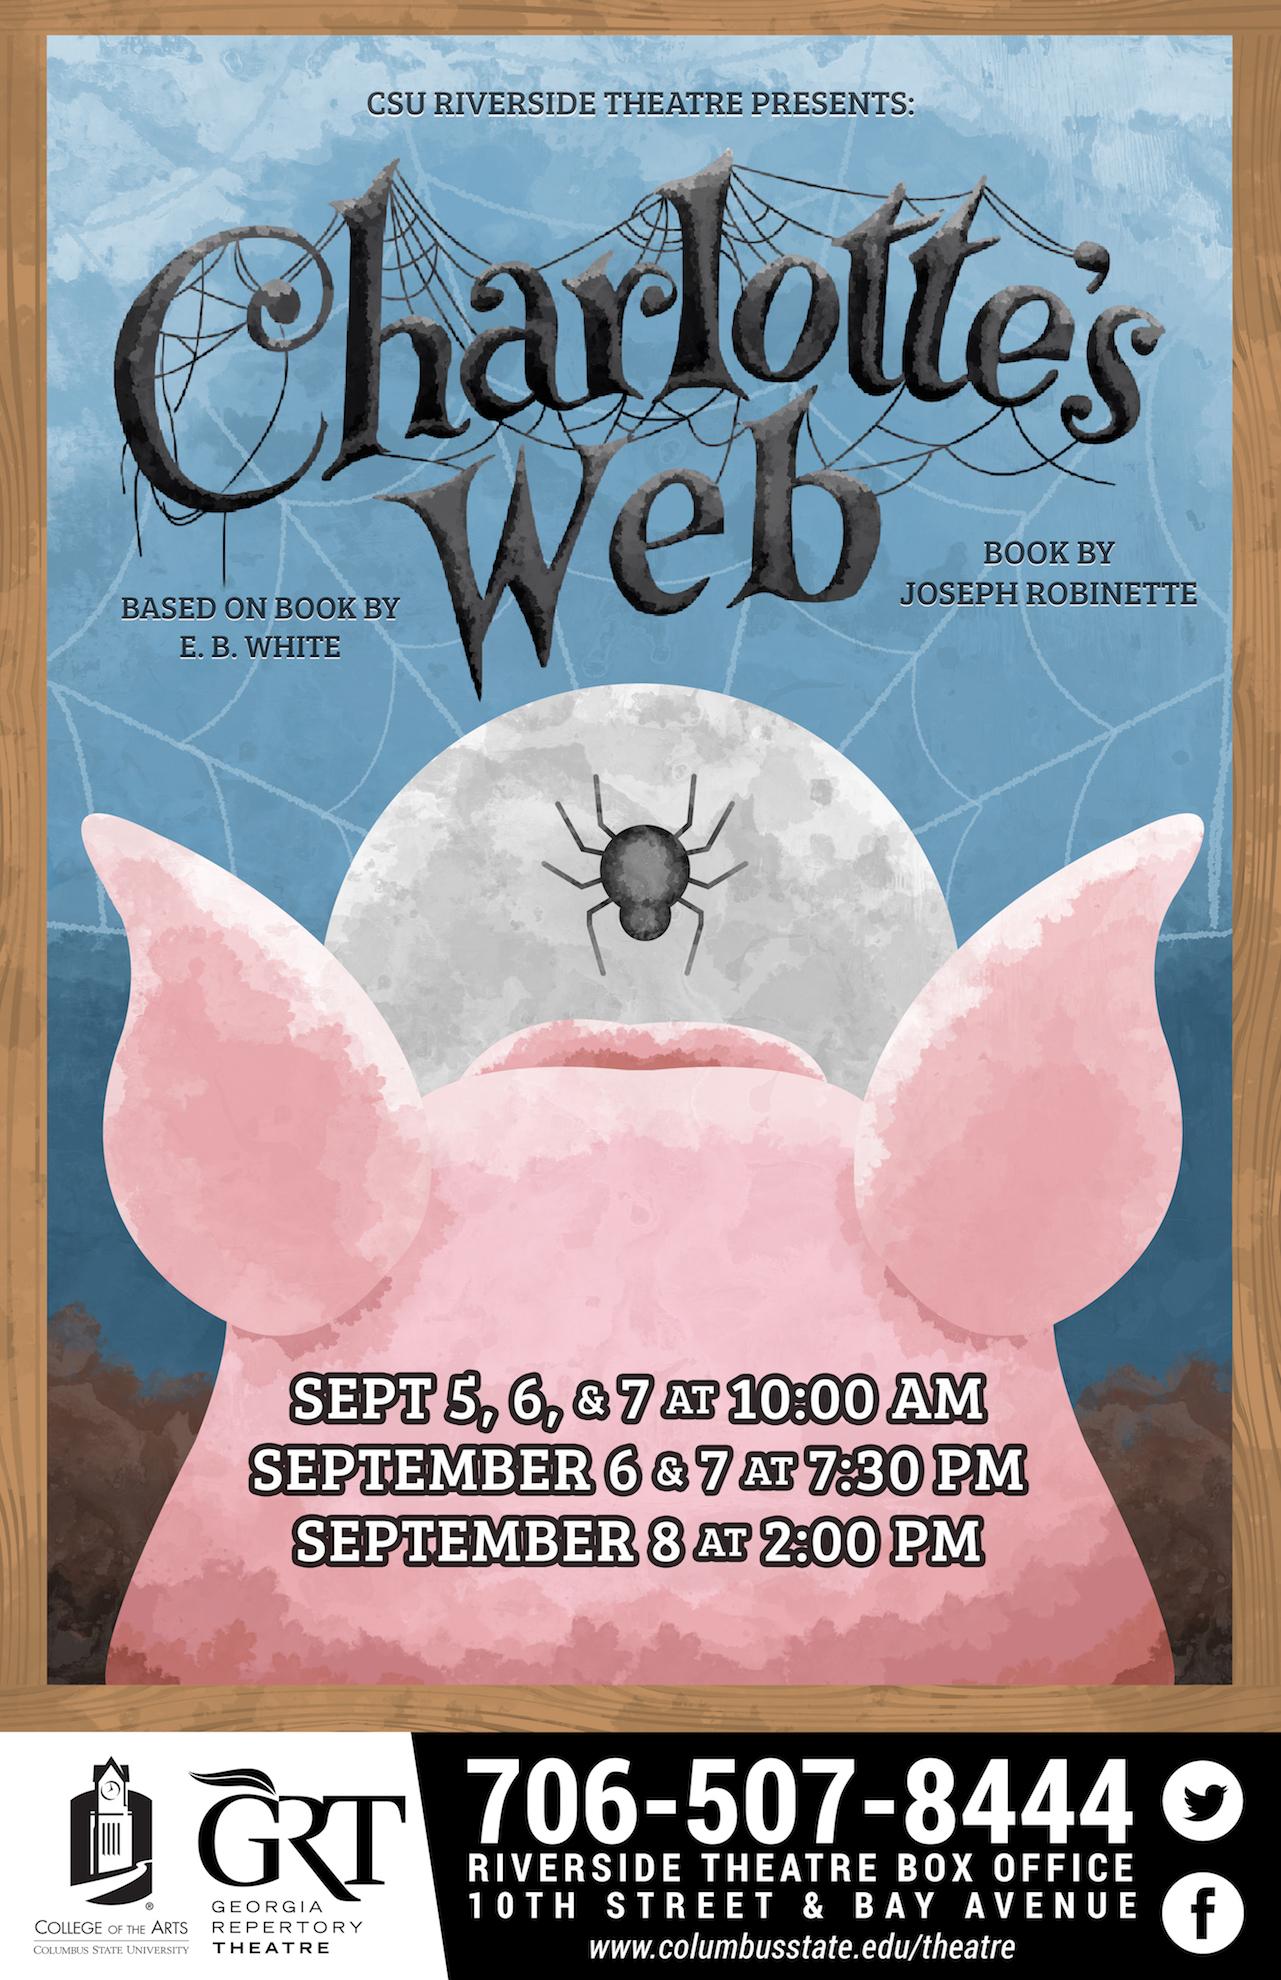 CSU Theatre: Charlotte's Web